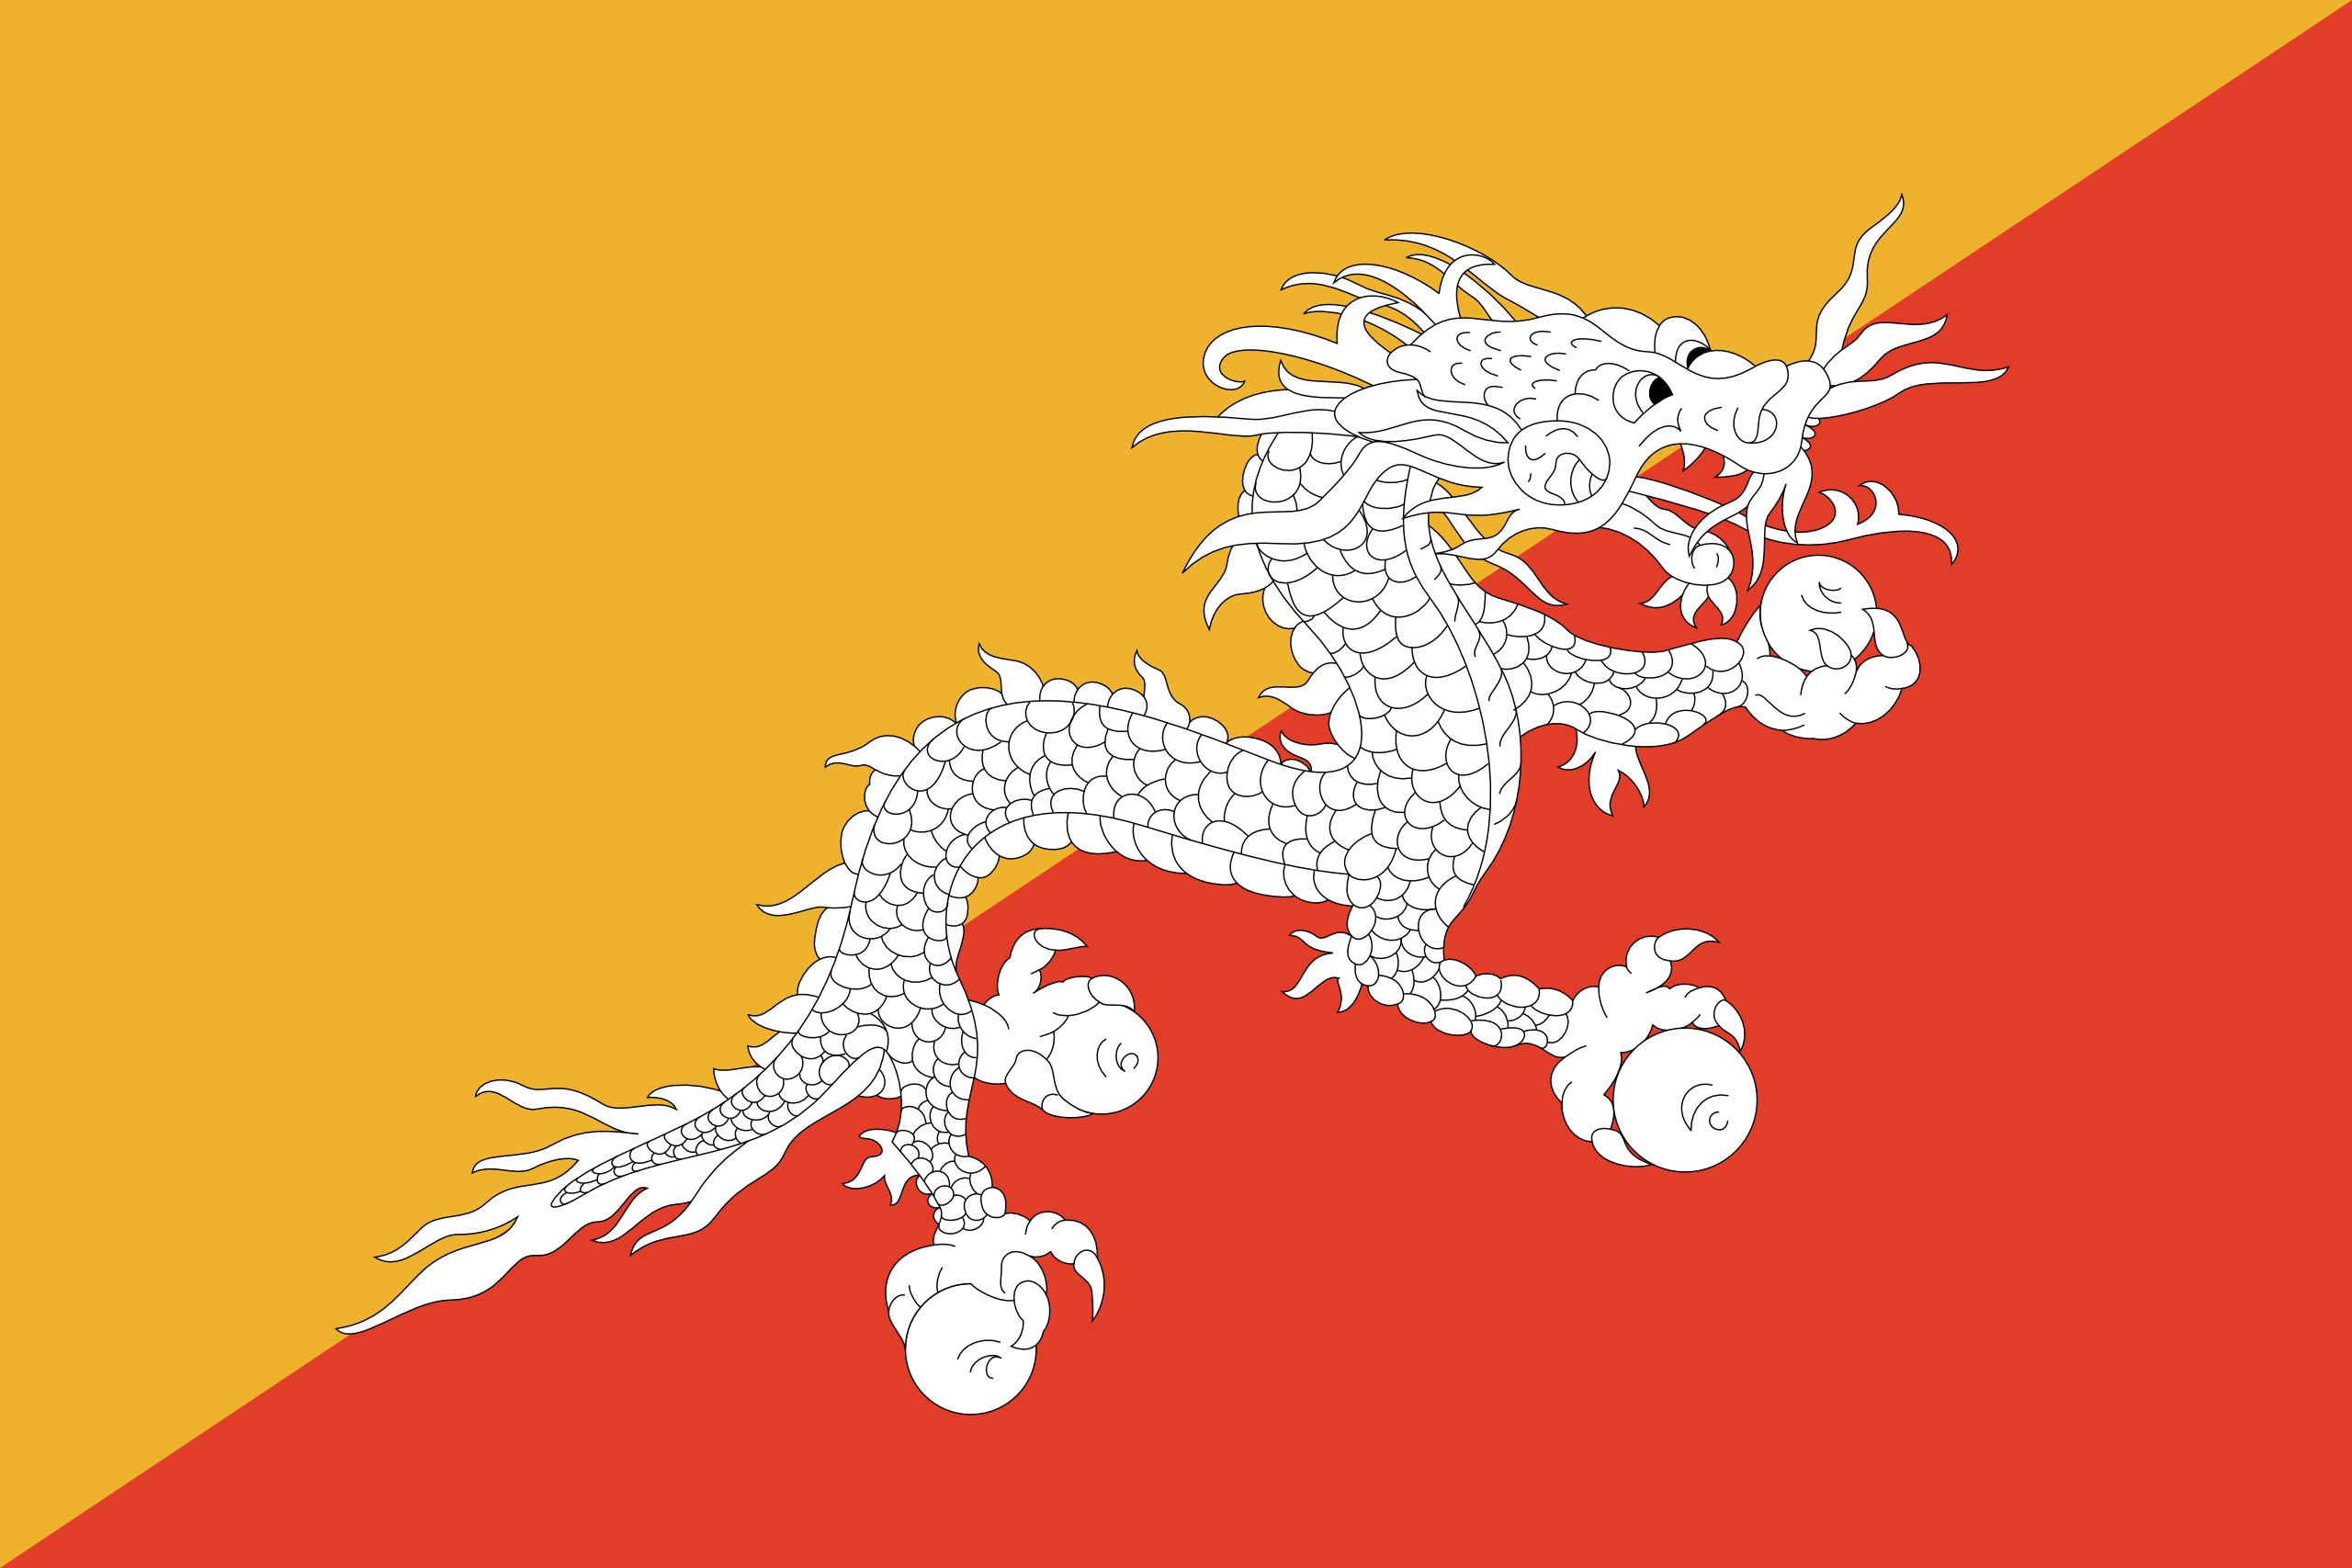 Butão, país, Brasão de armas, logotipo, símbolo - Papéis de parede HD - Professor-falken.com